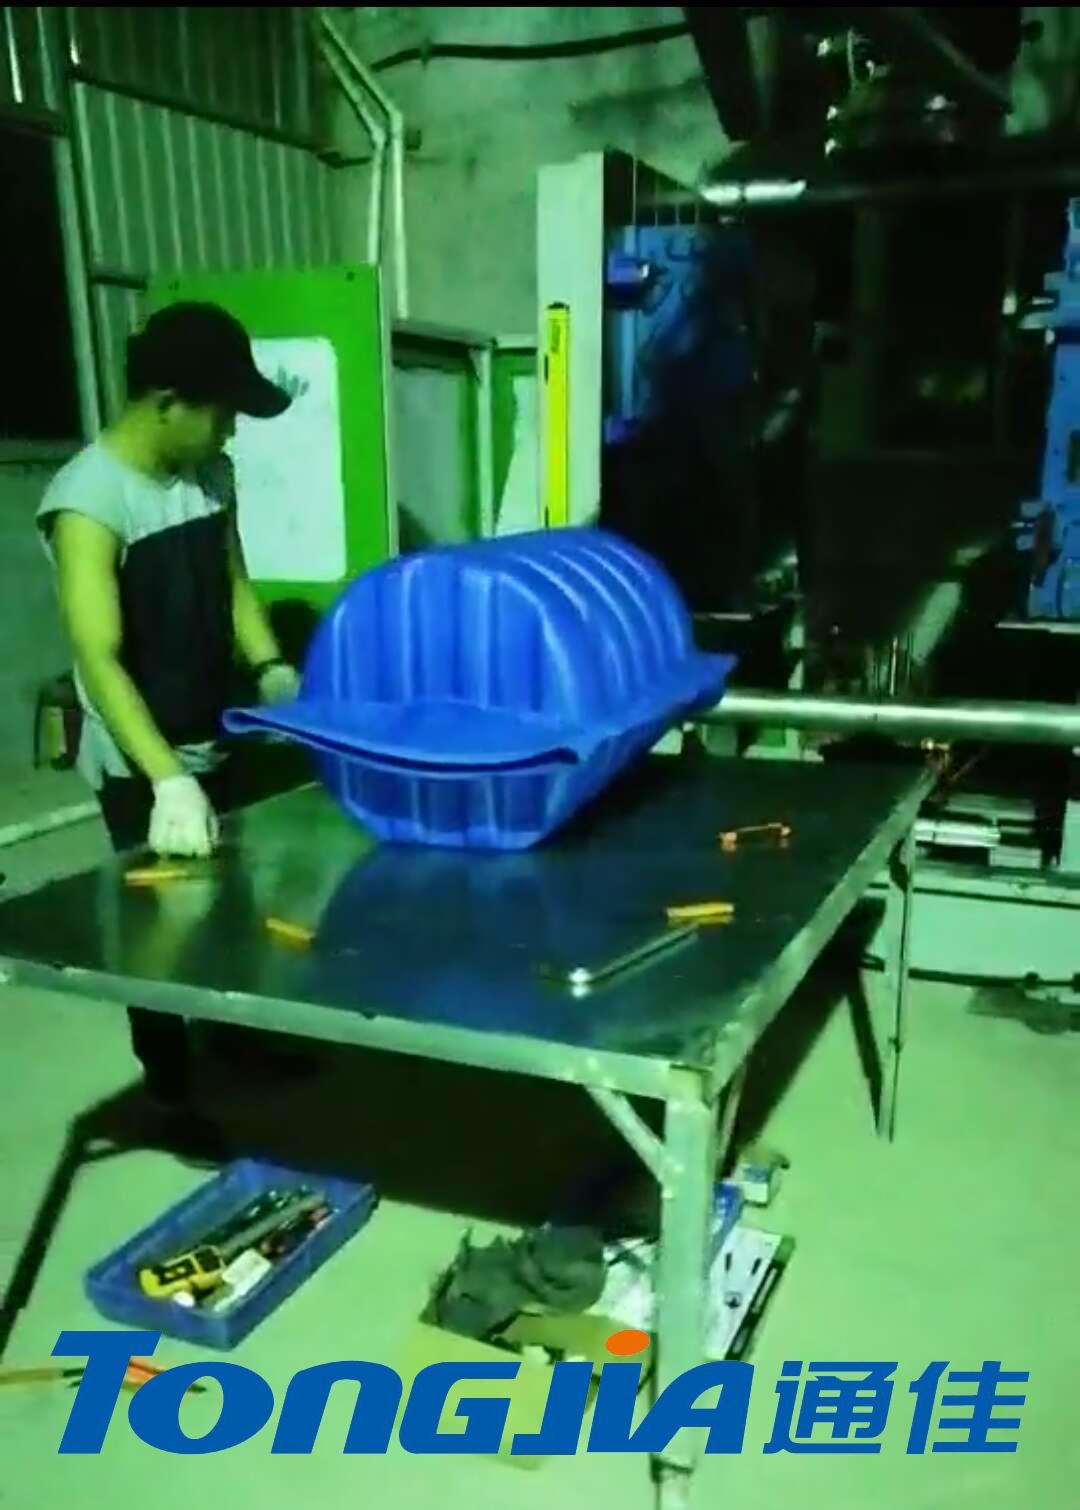 专业生产塑料渔排 塑料浮体 养殖浮球生产设备 吹塑机